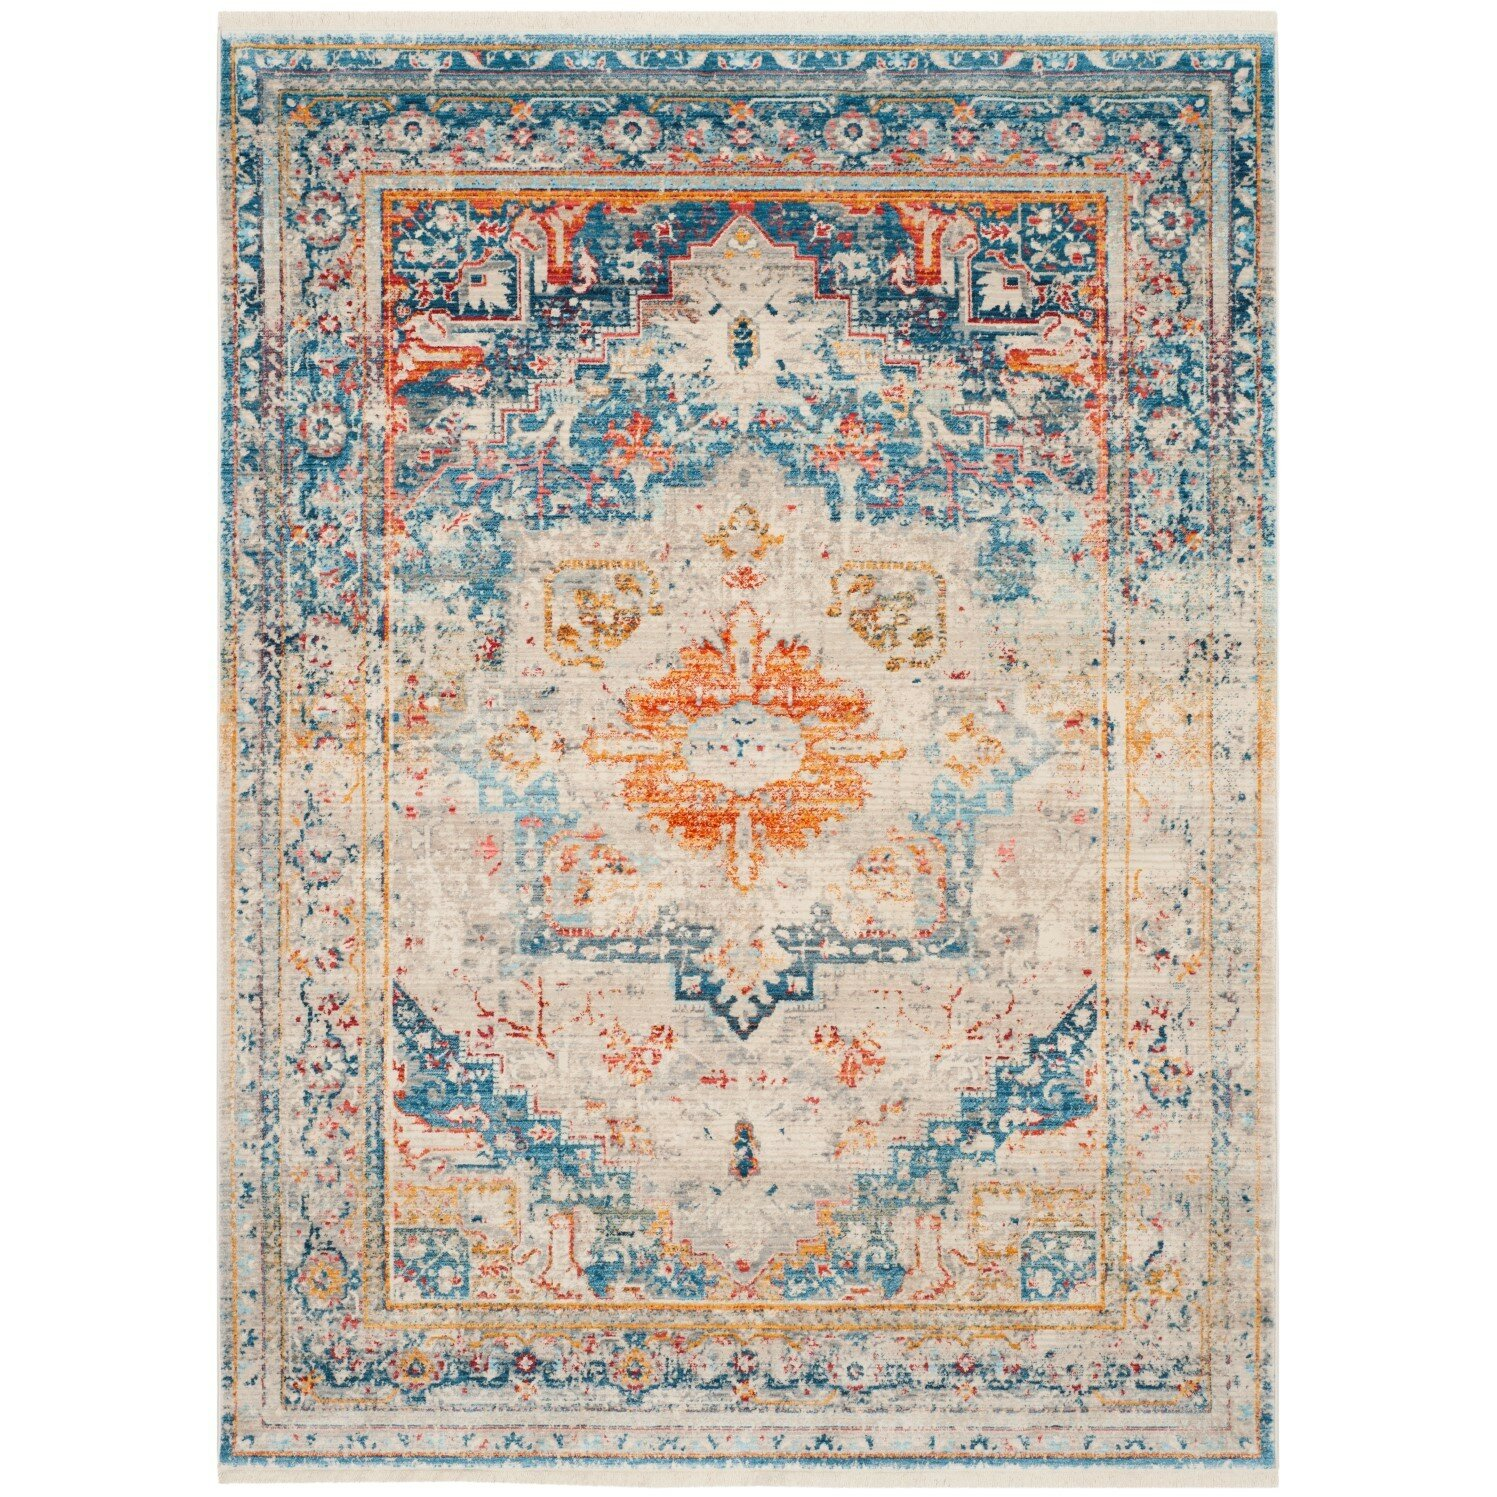 Wayfair Rugs: Vintage Persian Area Rug